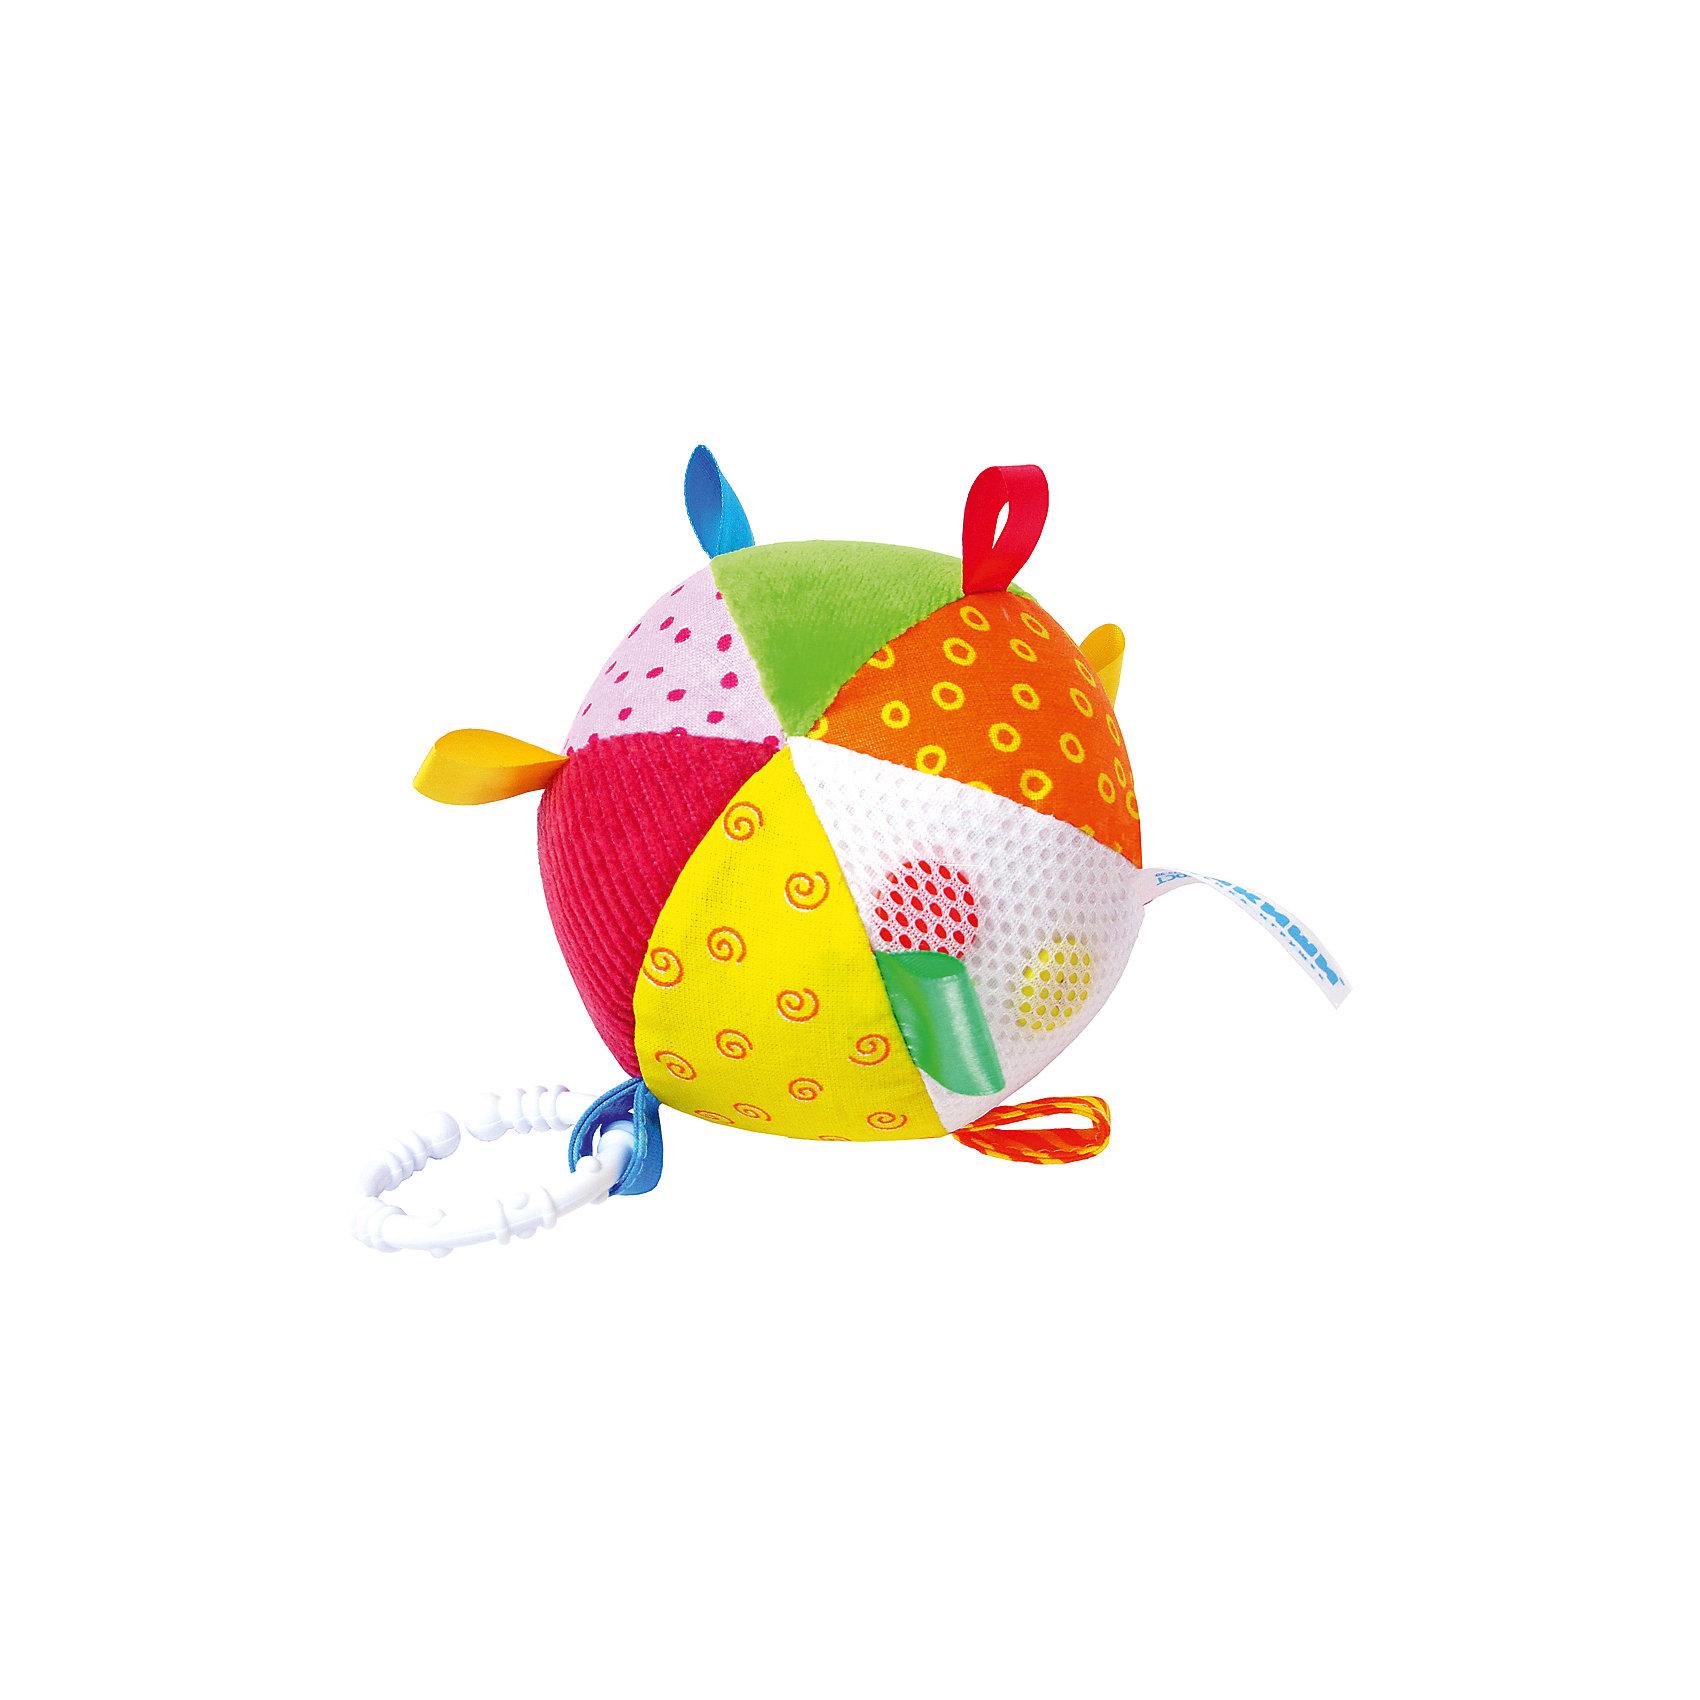 Мячик с петельками, МякишиМягкие игрушки<br>Характеристики товара:<br><br>• материал: разнофактурный текстиль, холлофайбер, пластмасса<br>• комплектация: 1 шт<br>• размер игрушки: 10 см<br>• звуковой элемент<br>• развивающая игрушка<br>• упаковка: пламинированный картонный холдер<br>• страна бренда: РФ<br>• страна изготовитель: РФ<br><br>Малыши активно познают мир и тянутся к новой информации. Чтобы сделать процесс изучения окружающего пространства интереснее, ребенку можно подарить развивающие игрушки. В процессе игры информация усваивается намного лучше!<br>Такие игрушки помогут занять малыша, играть ими приятно и весело. Одновременно они позволят познакомиться со многими цветами, фактурами, а также научиться извлекать звук. Подобные игрушки развивают тактильные ощущения, моторику, цветовосприятие, логику, воображение, учат фокусировать внимание. Каждое изделие абсолютно безопасно – оно создано из качественной ткани с мягким наполнителем. Игрушки производятся из качественных и проверенных материалов, которые безопасны для детей.<br><br>Мячик с петельками от бренда Мякиши можно купить в нашем интернет-магазине.<br><br>Ширина мм: 100<br>Глубина мм: 100<br>Высота мм: 100<br>Вес г: 80<br>Возраст от месяцев: 12<br>Возраст до месяцев: 36<br>Пол: Унисекс<br>Возраст: Детский<br>SKU: 5183199